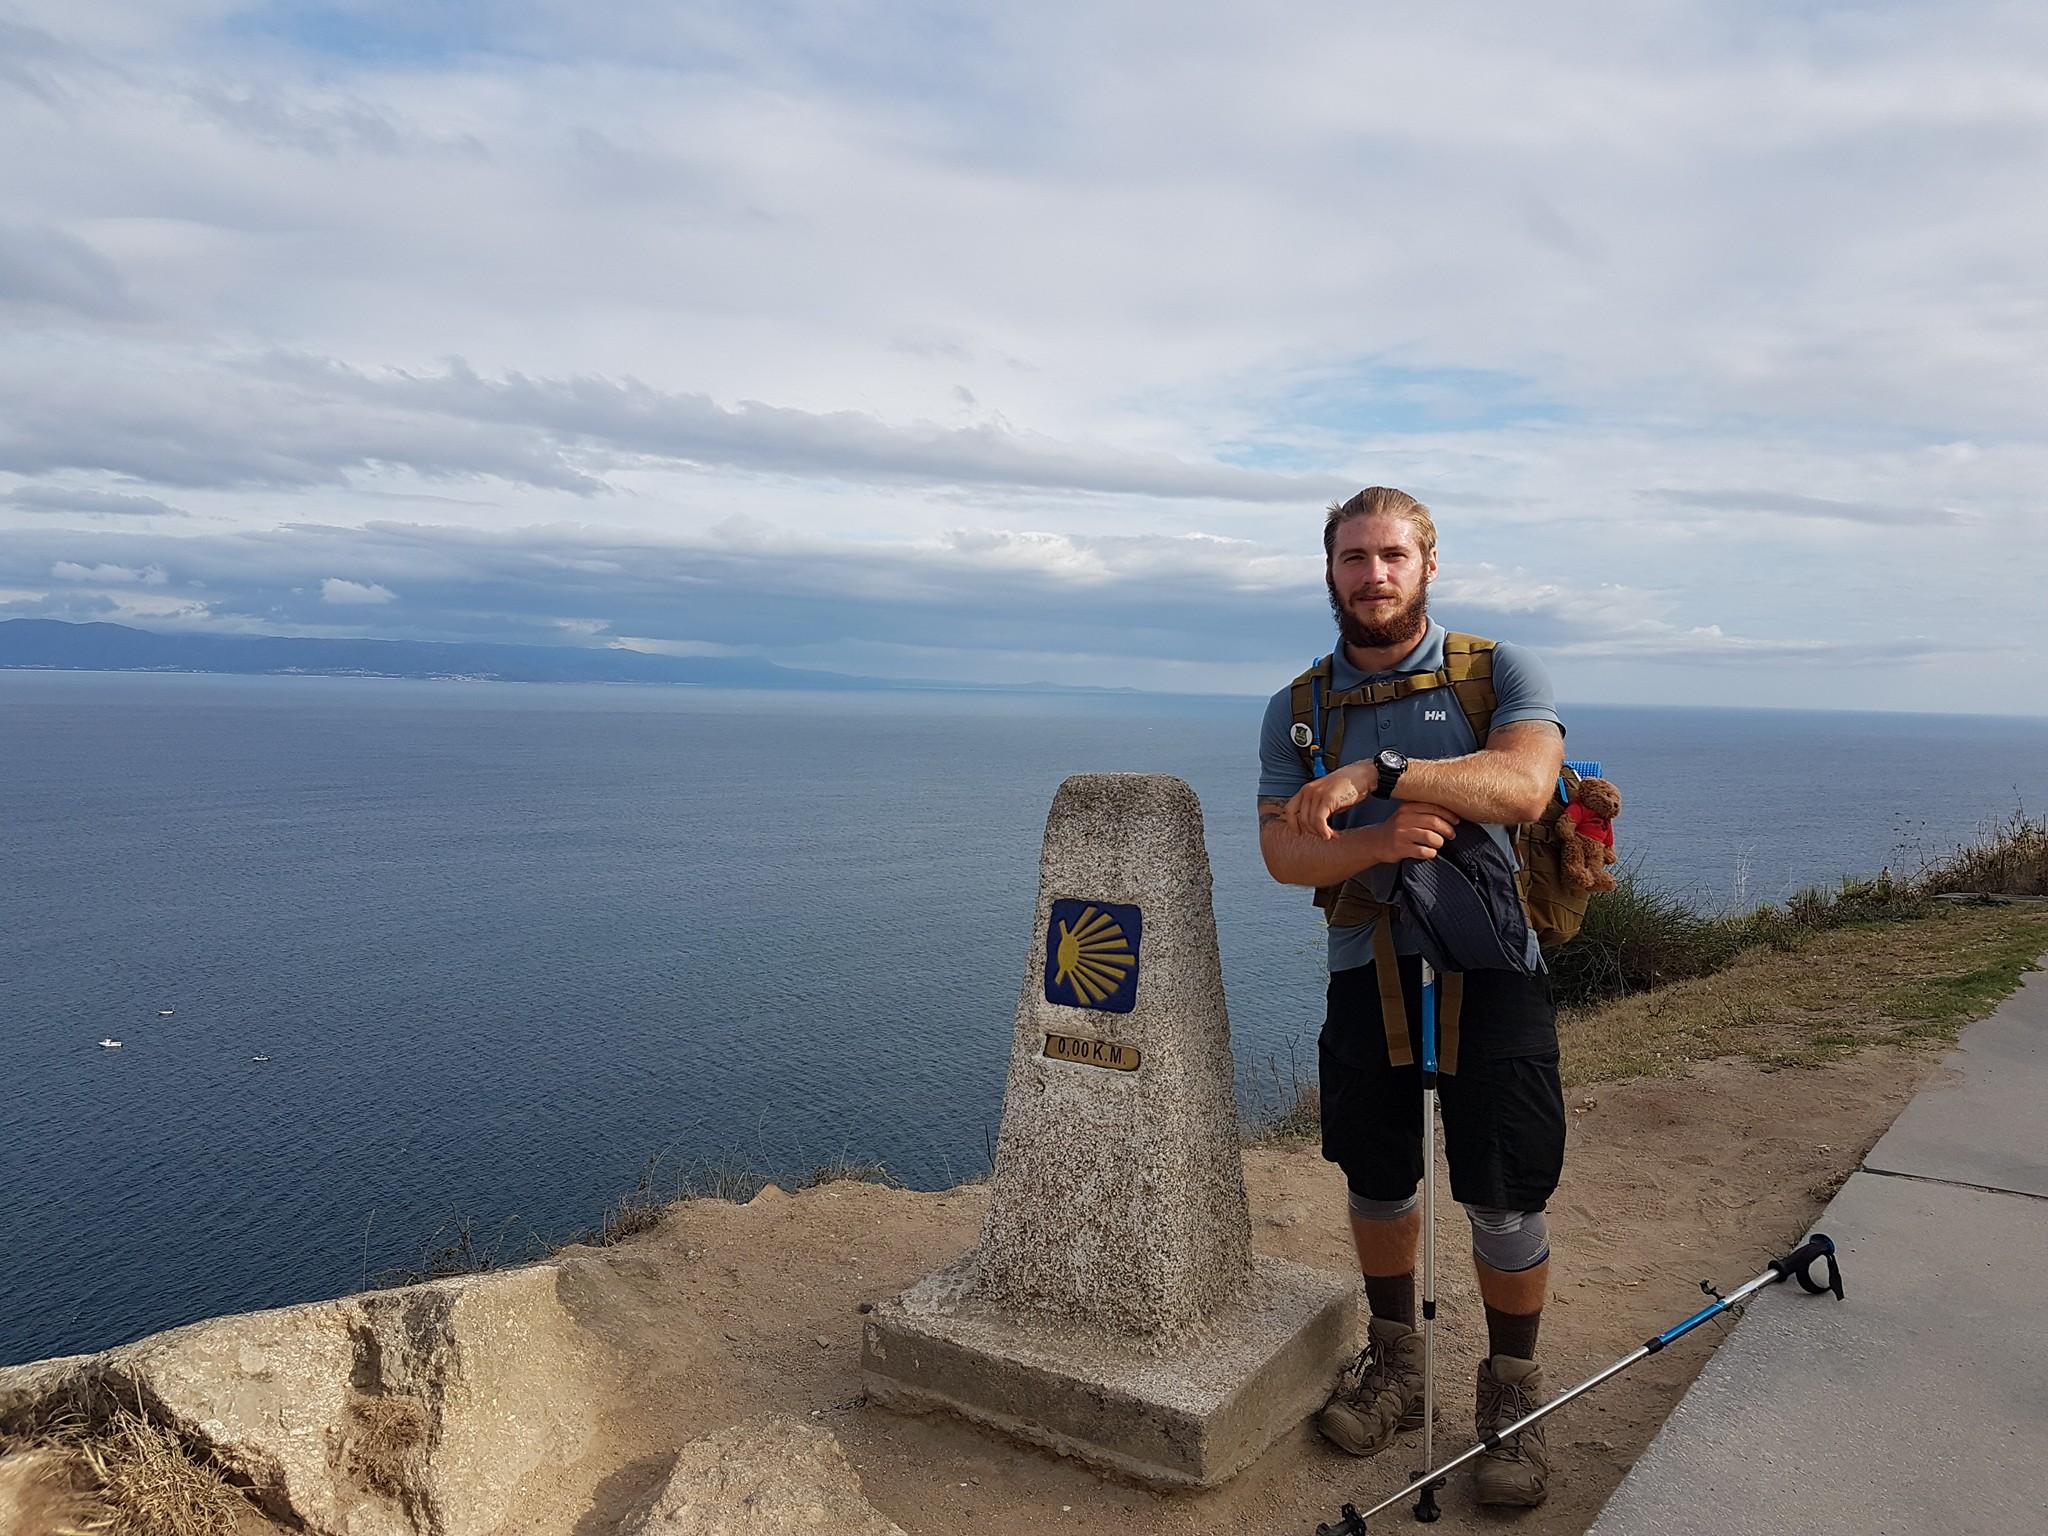 Український турист «перевірив безвіз» і пройшов пішки 1,8 тис км Європою